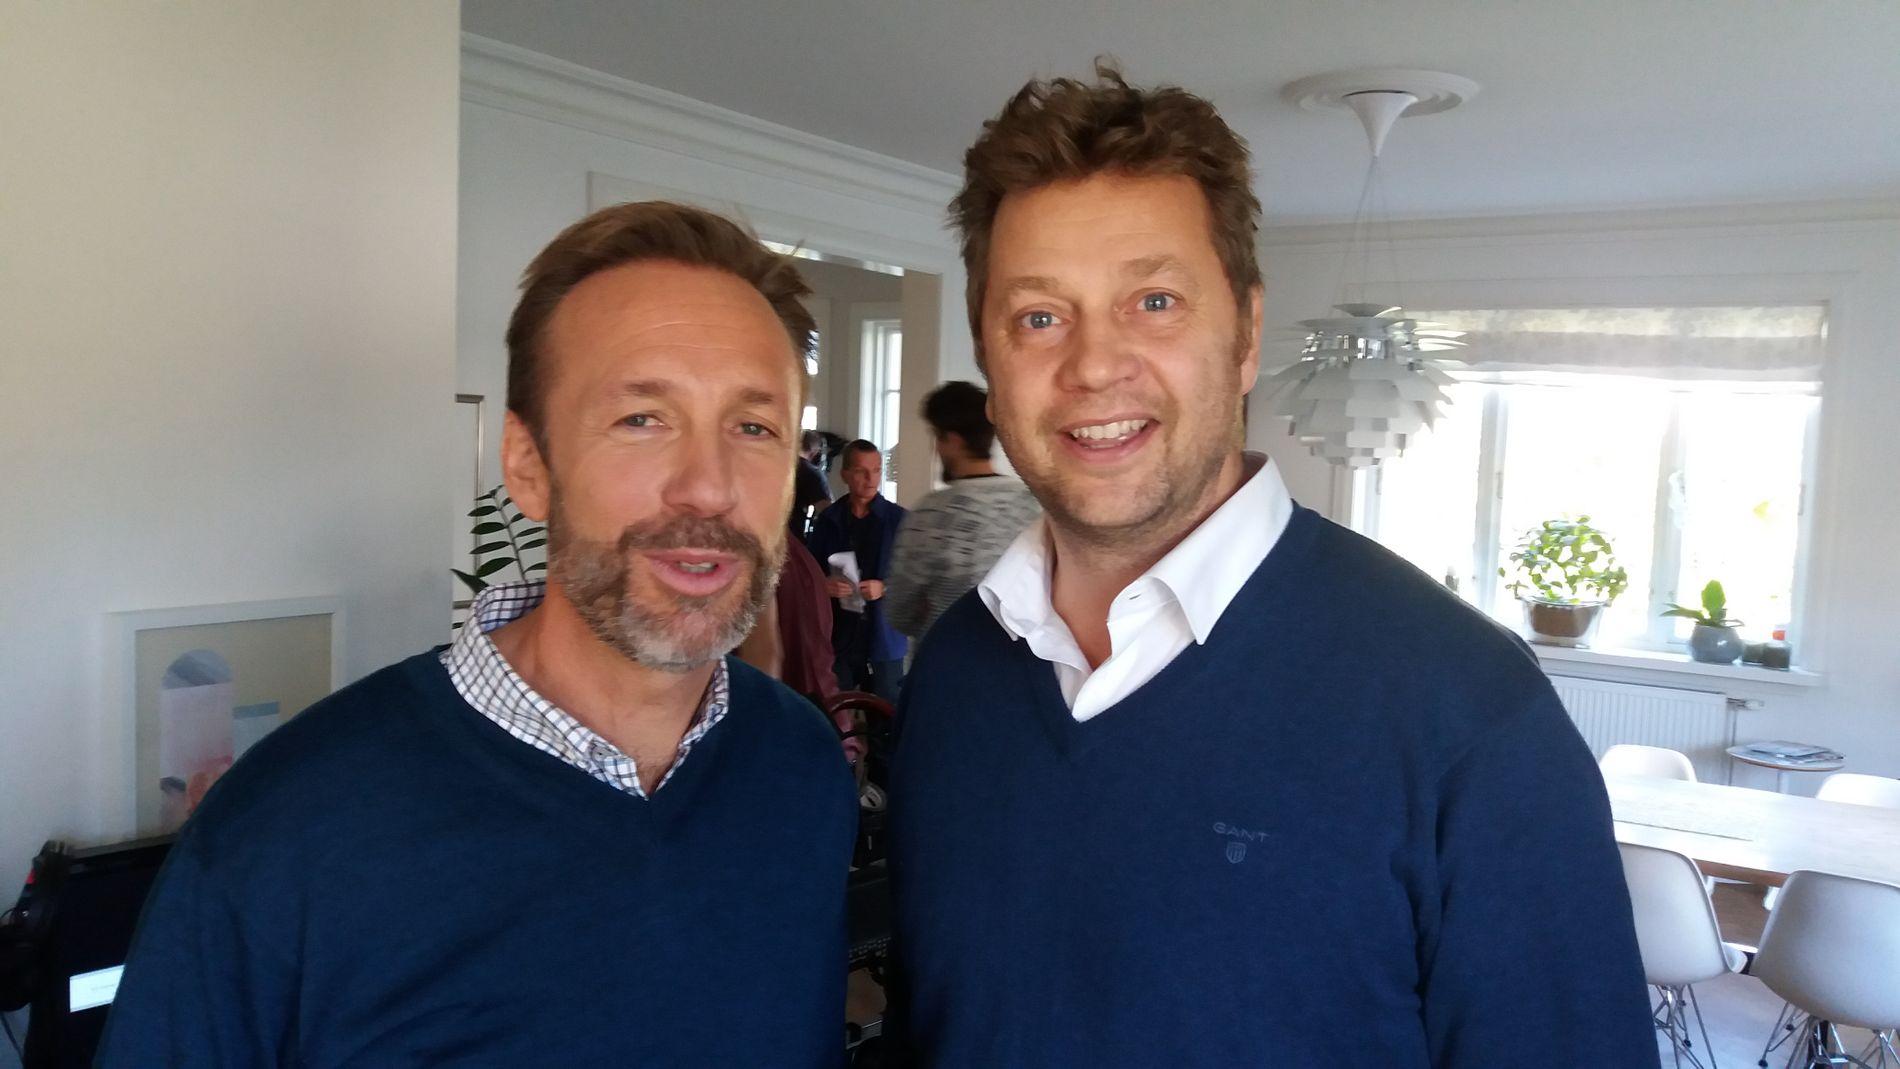 HELT PERFEKT: Thomas Giertsen synes at Johan Peterson er «helt perfekt» i hans rolle i den svenske versjonen av «Helt perfekt»